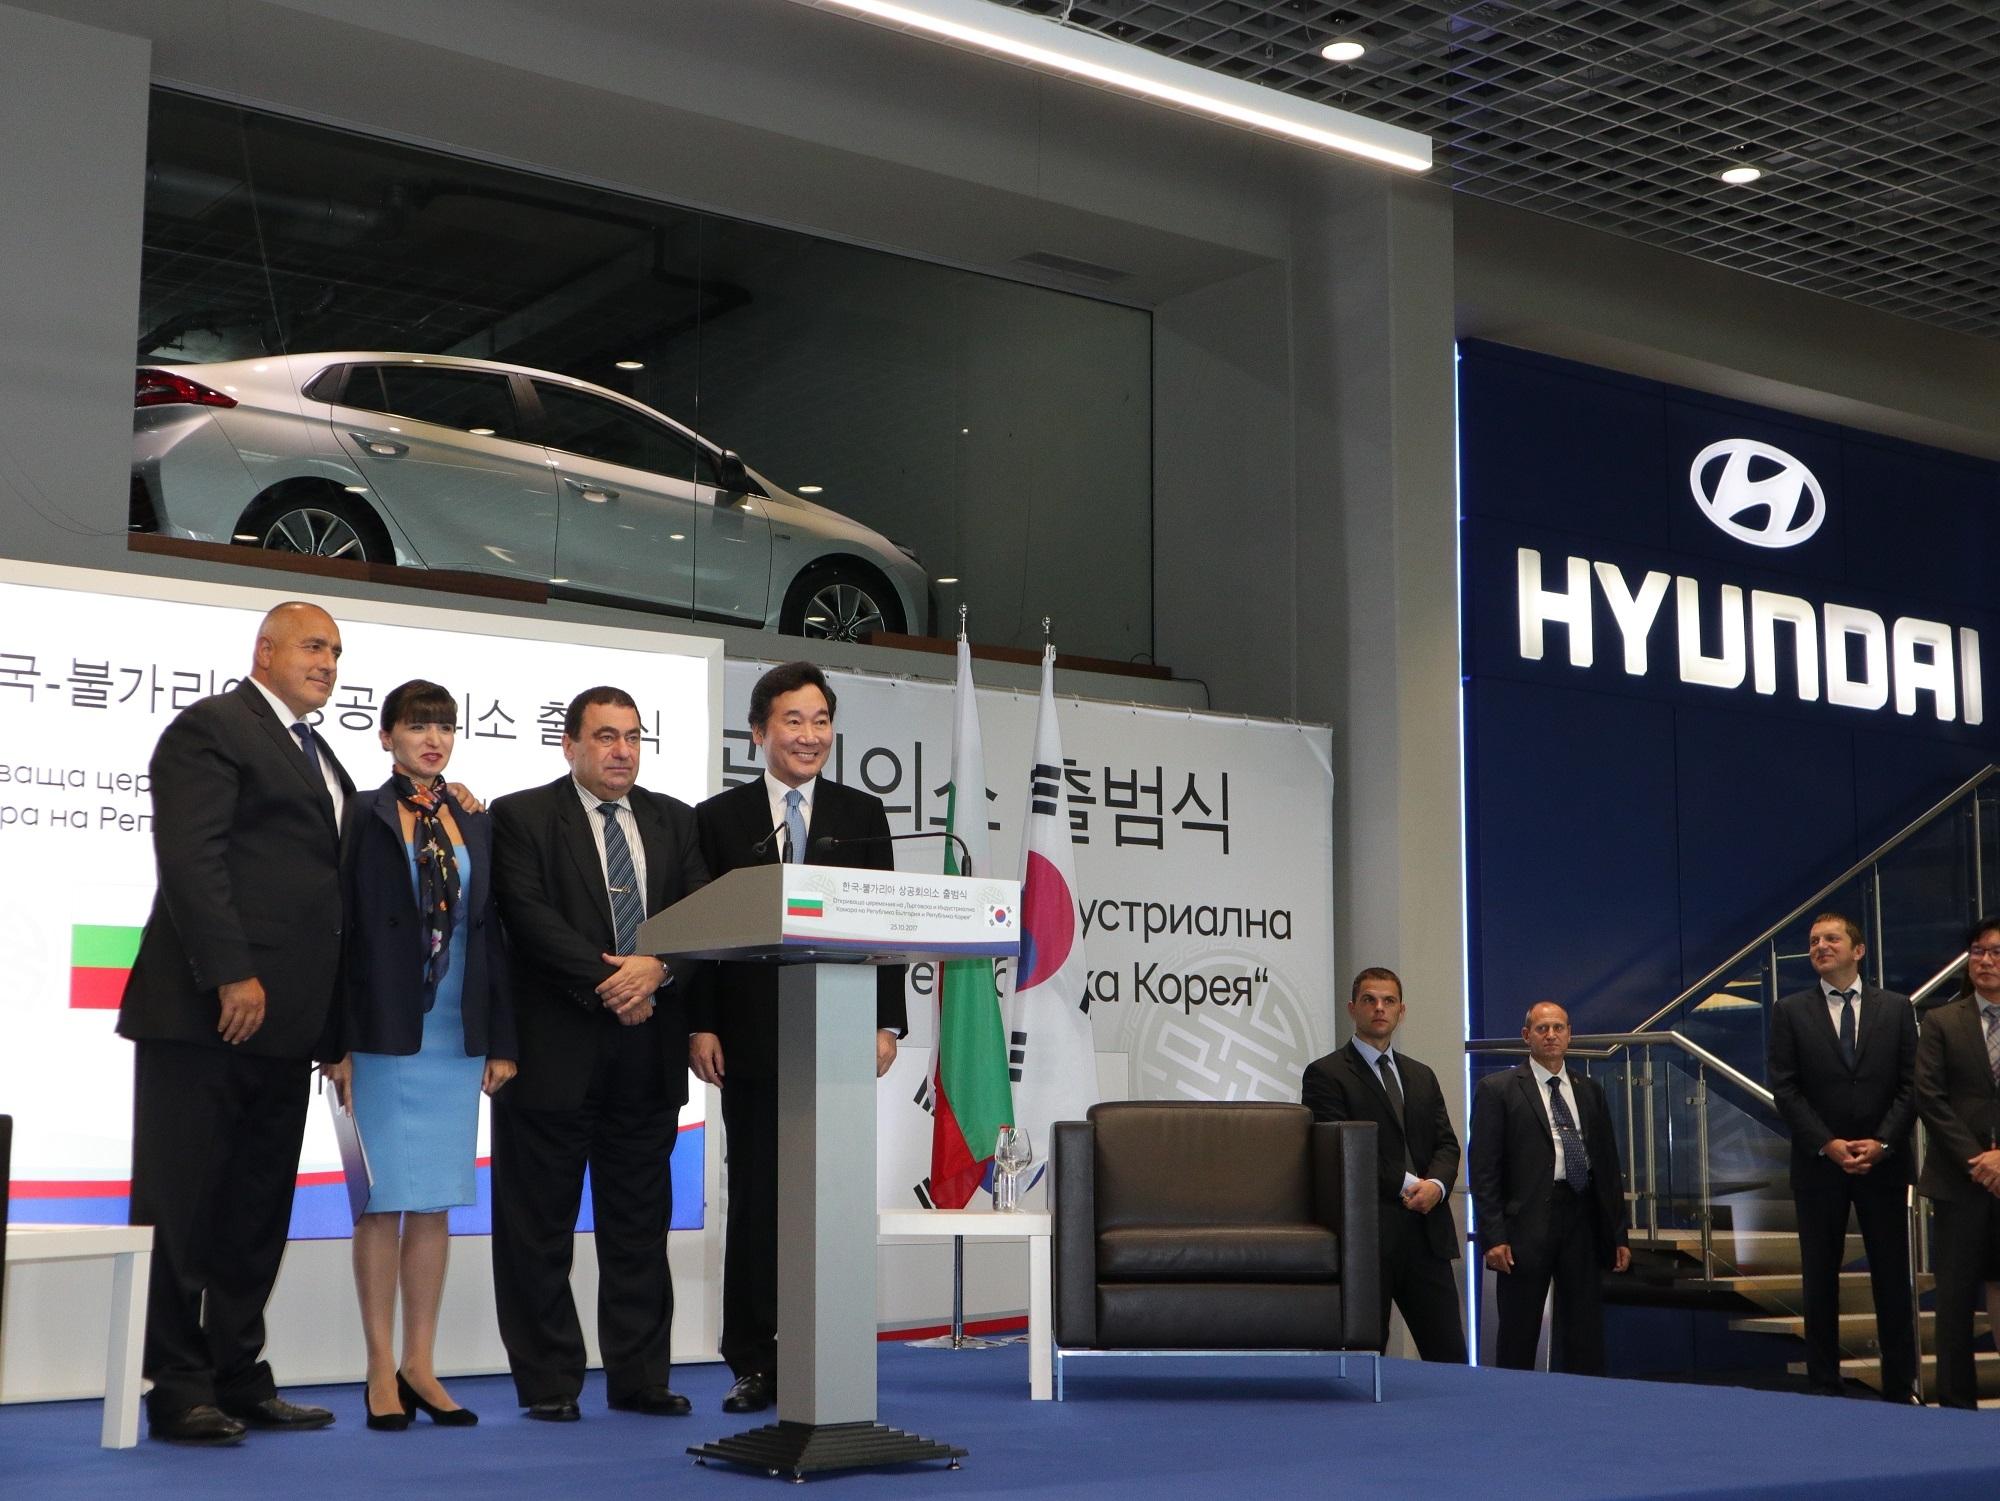 На специална церемония в шоурума на Hyundai днес бяха положени